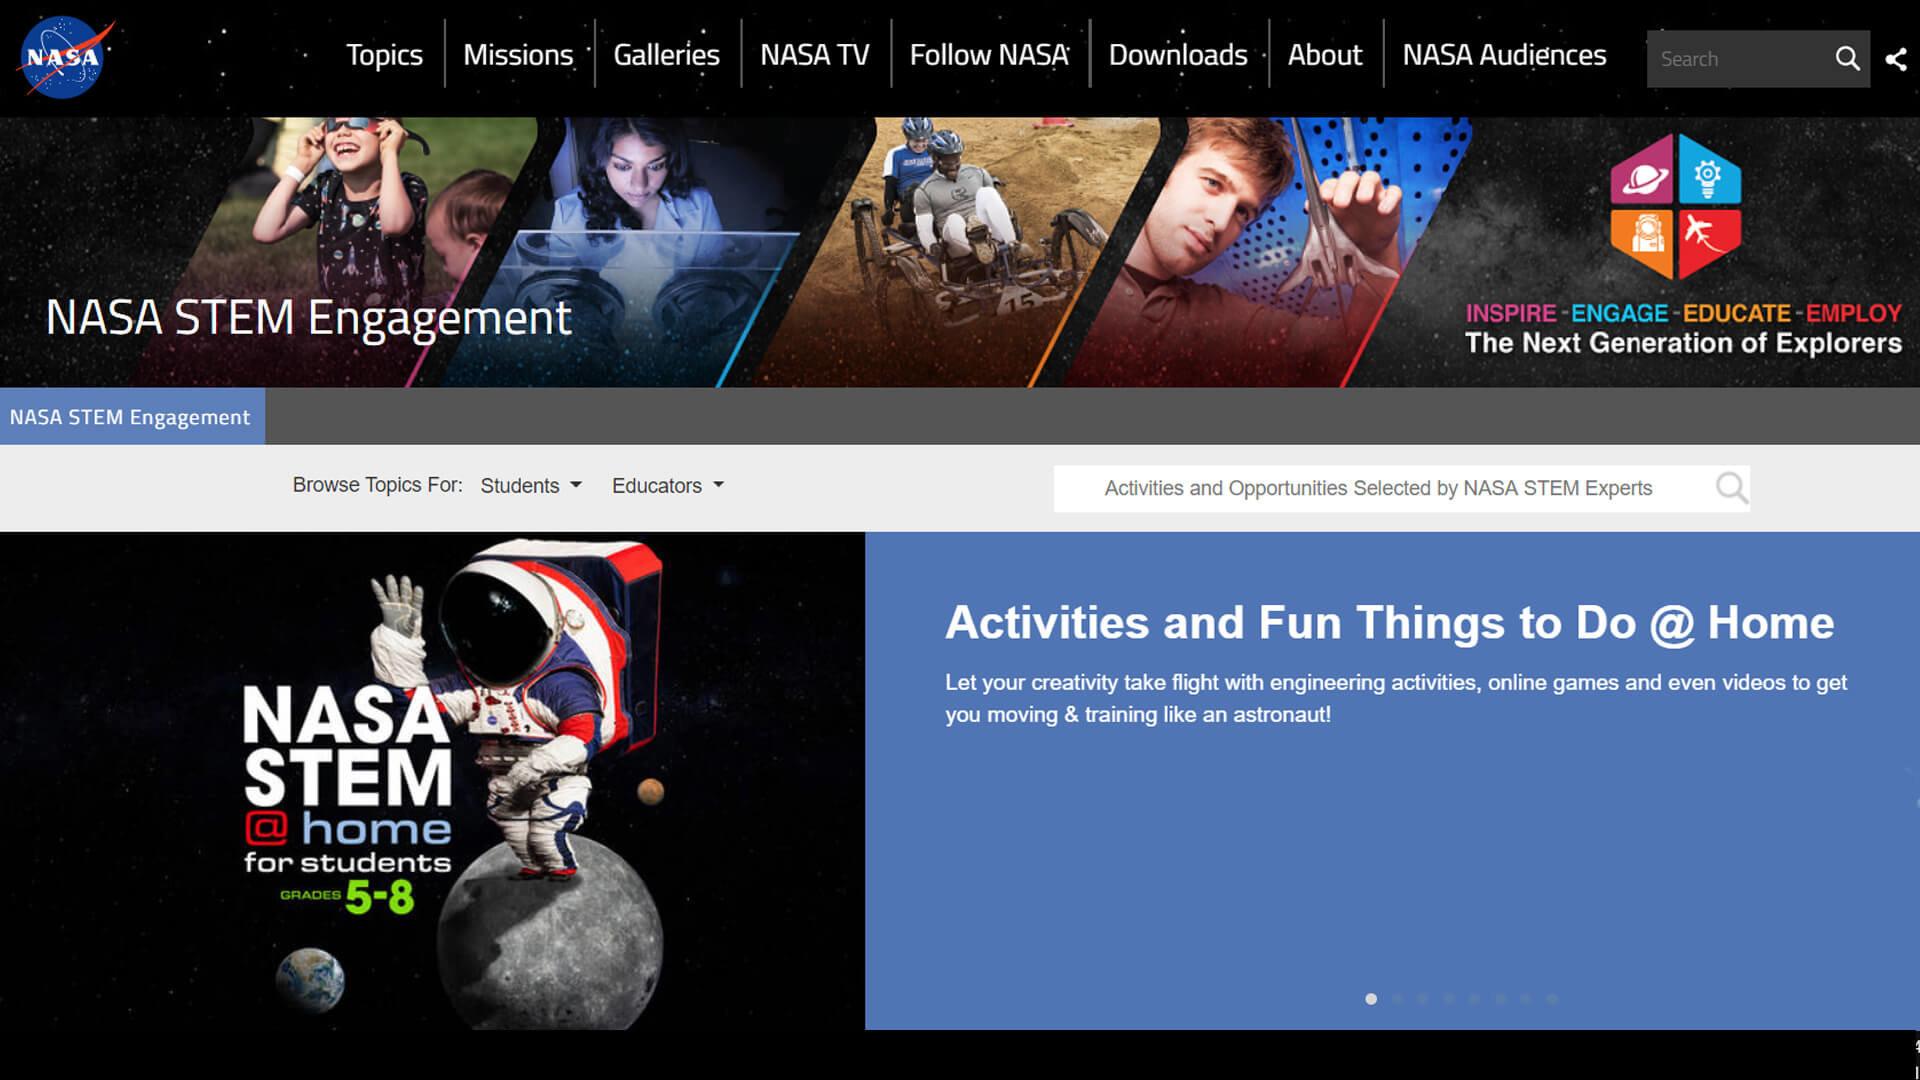 Image of NASA STEM Engagement website